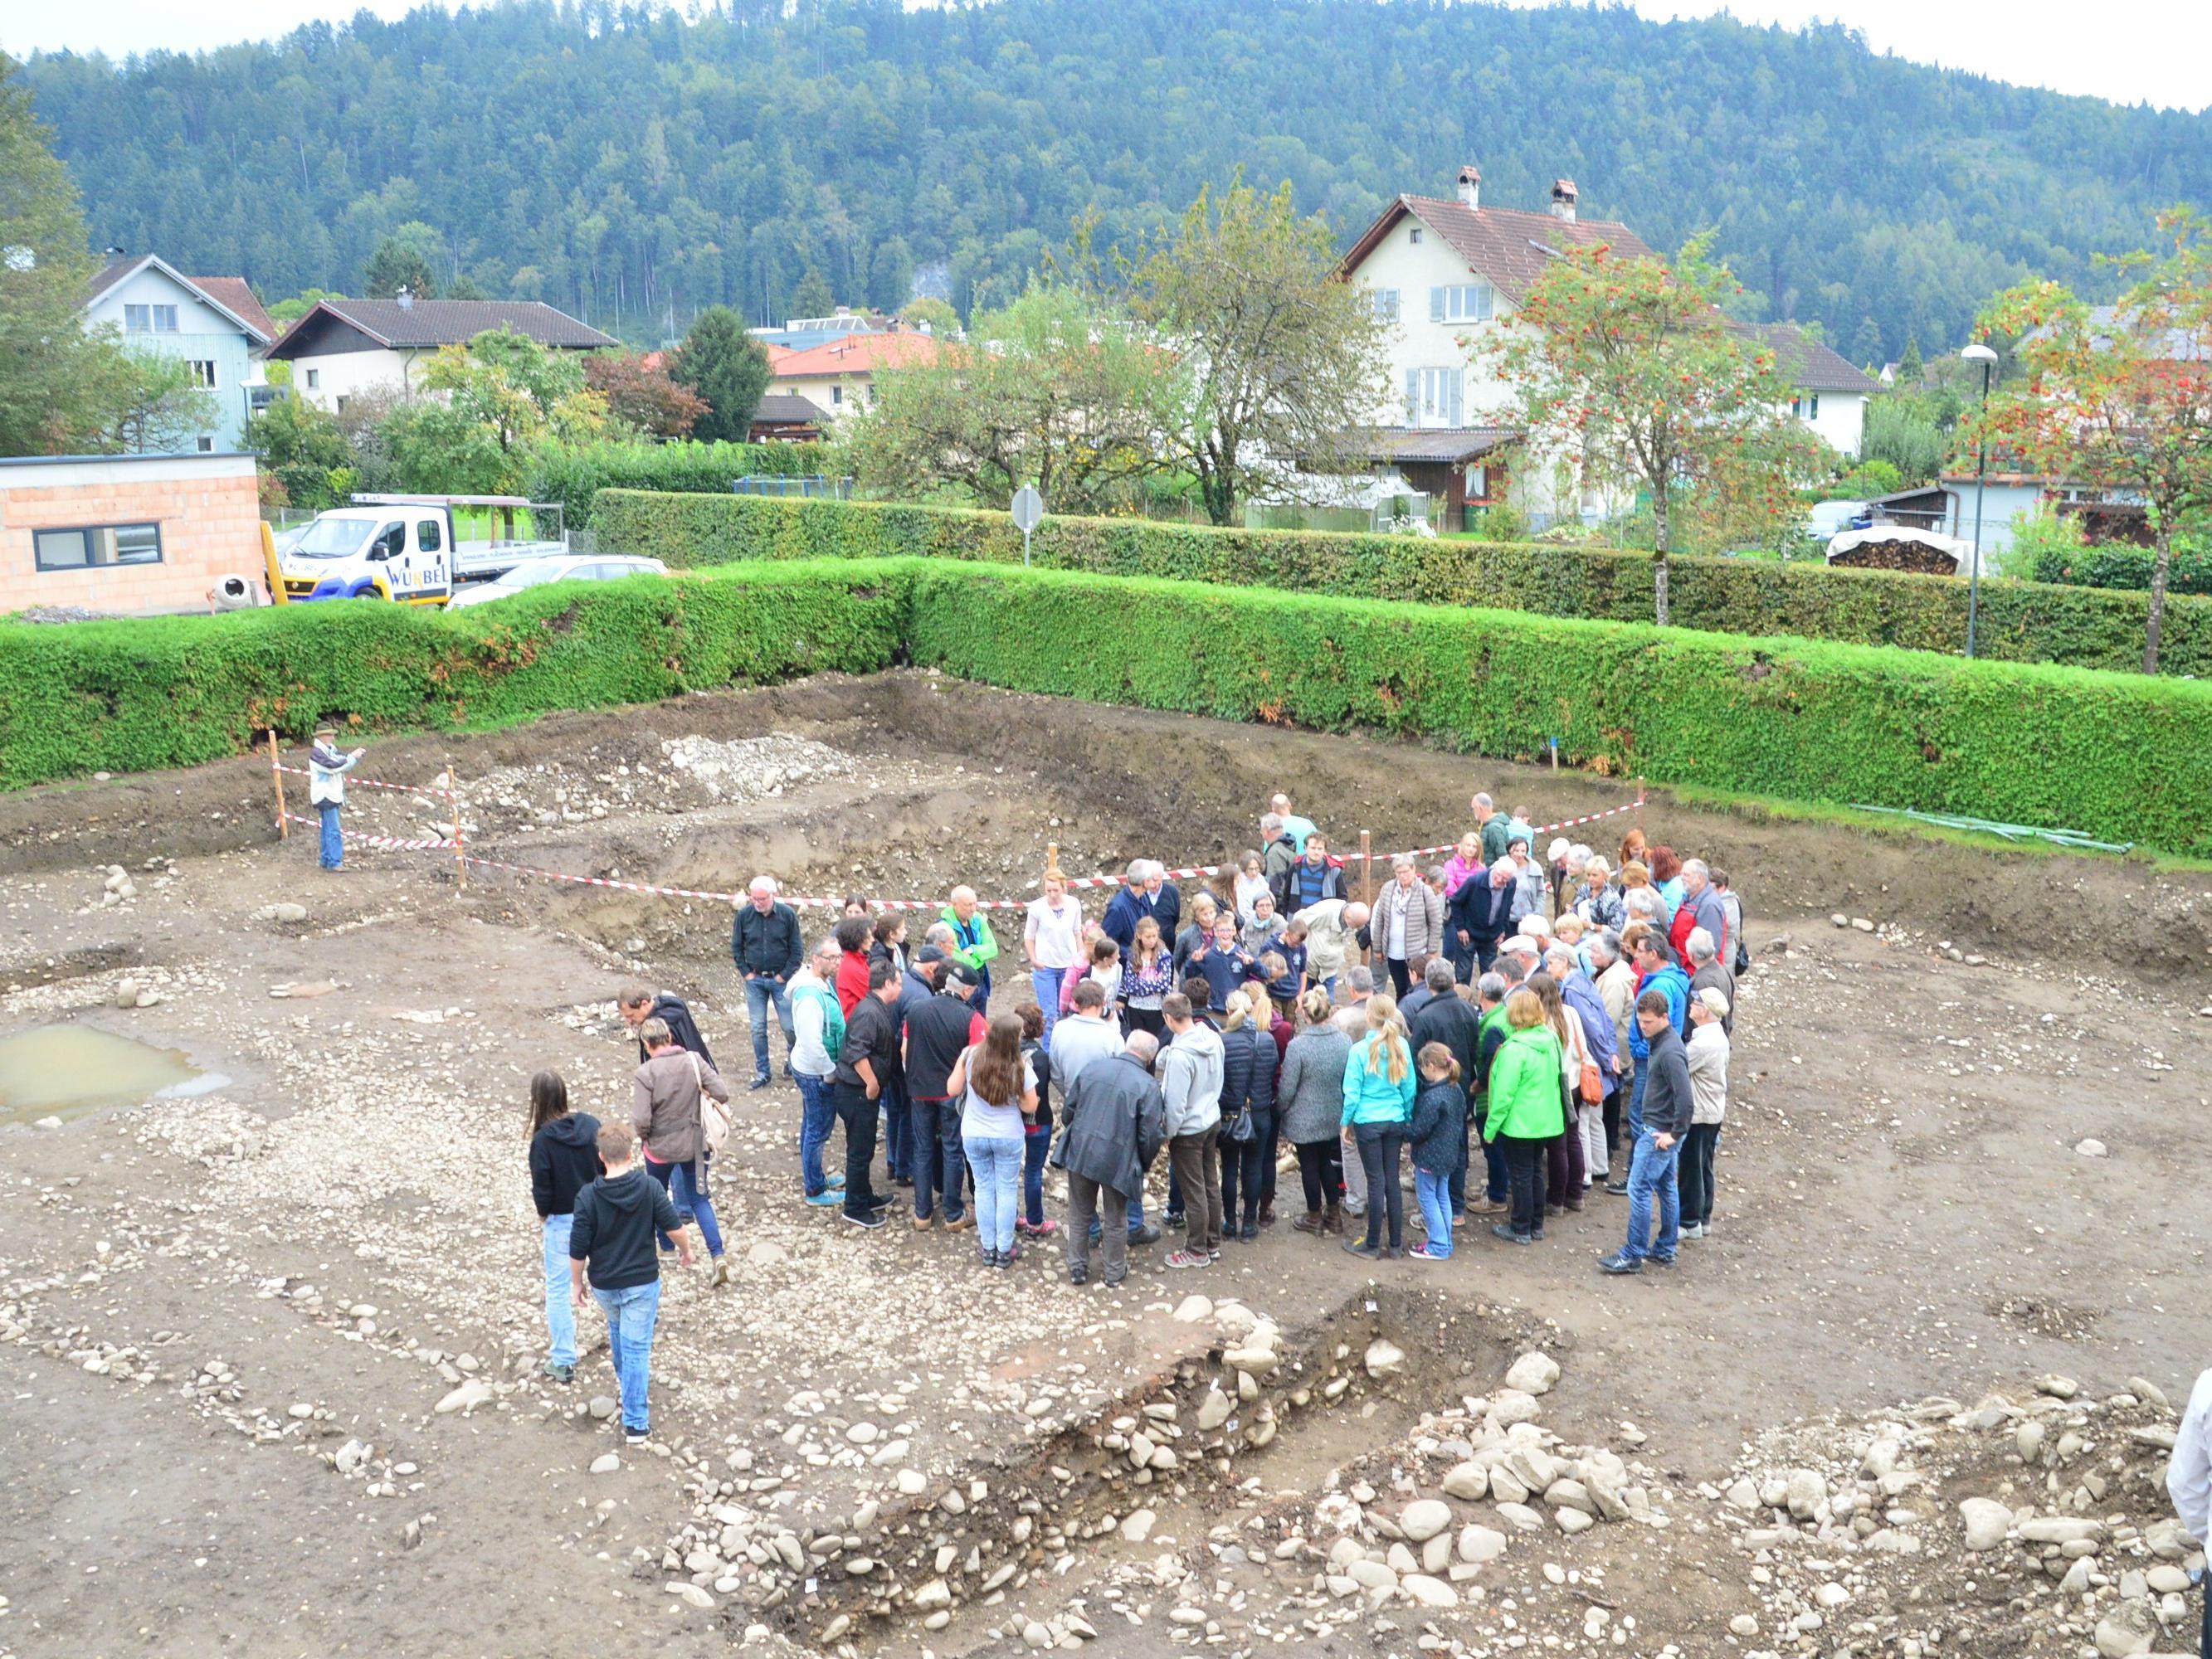 120 Interessierte ließen sich die Funde vorstellen.